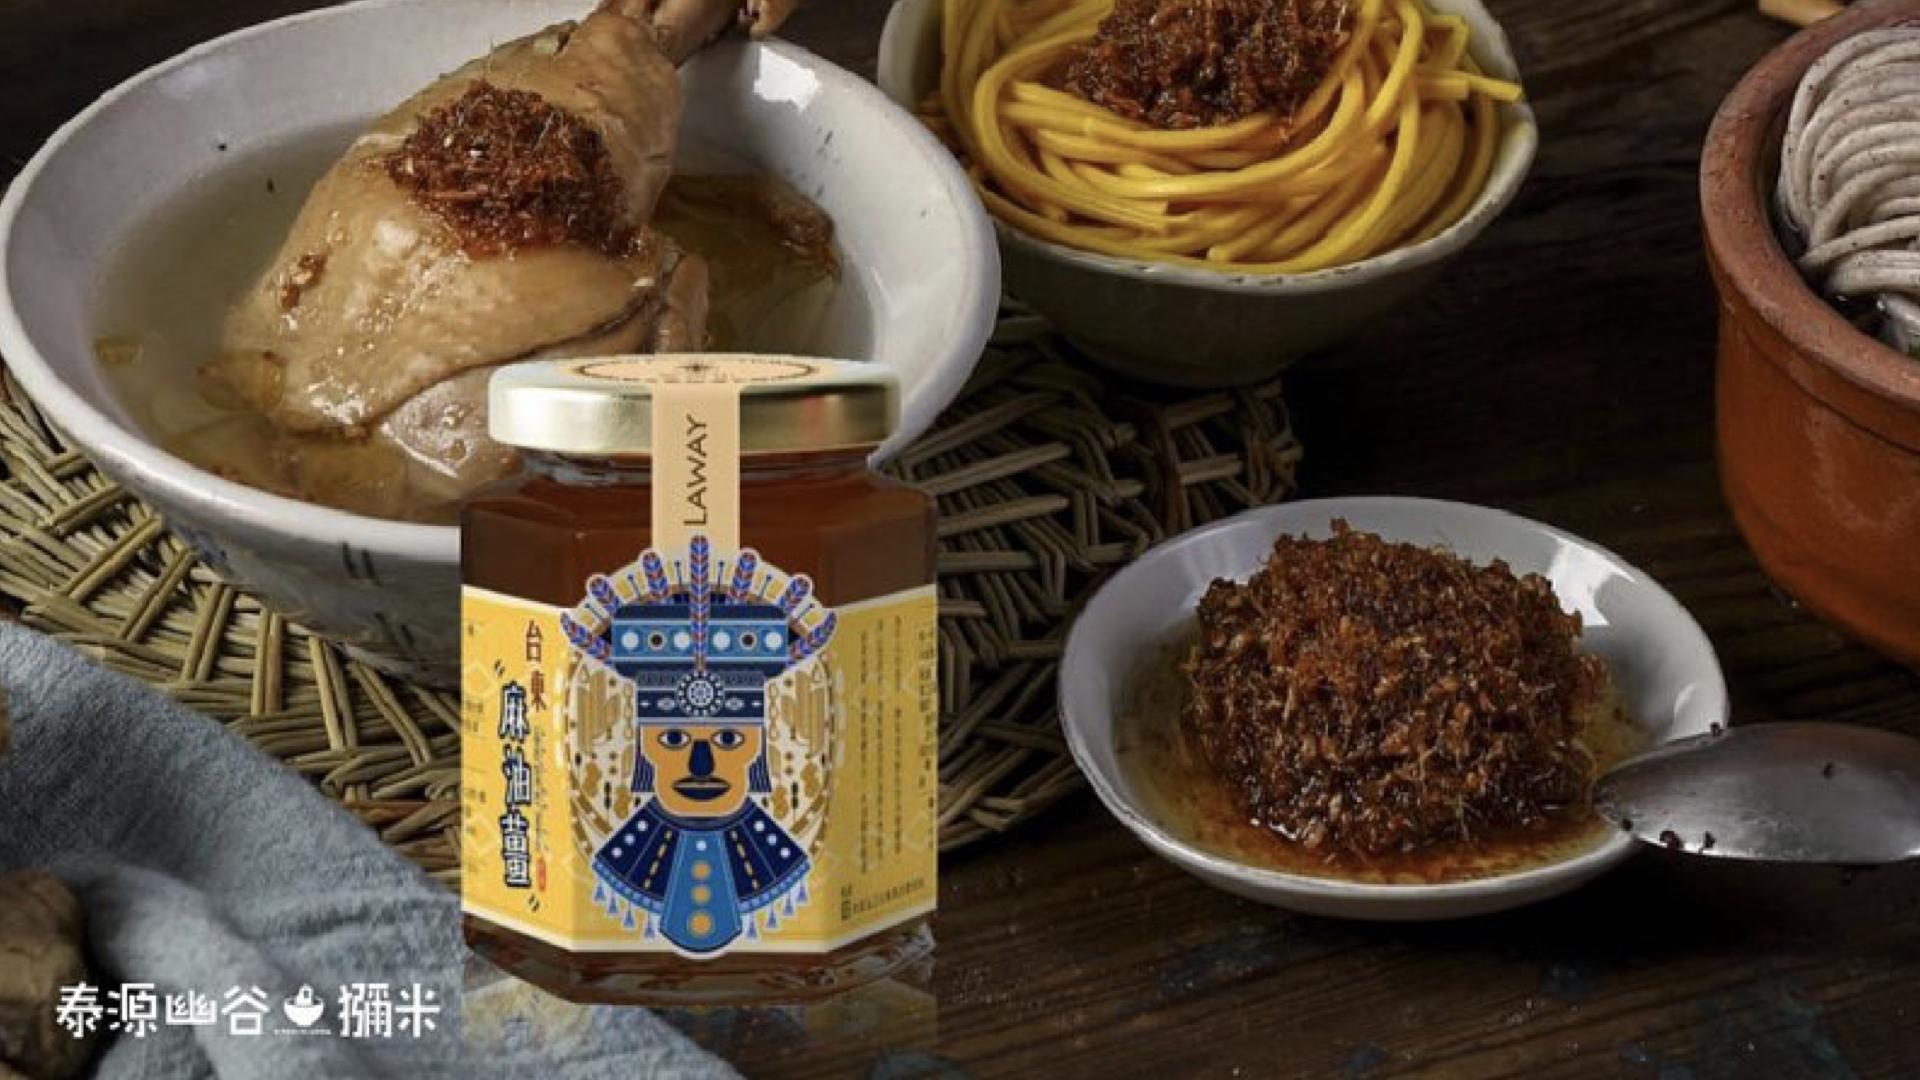 一桌使用台東麻油薑煮出來的食物,有麻油雞湯跟麻油麵,還有一罐獼米的台東麻油薑